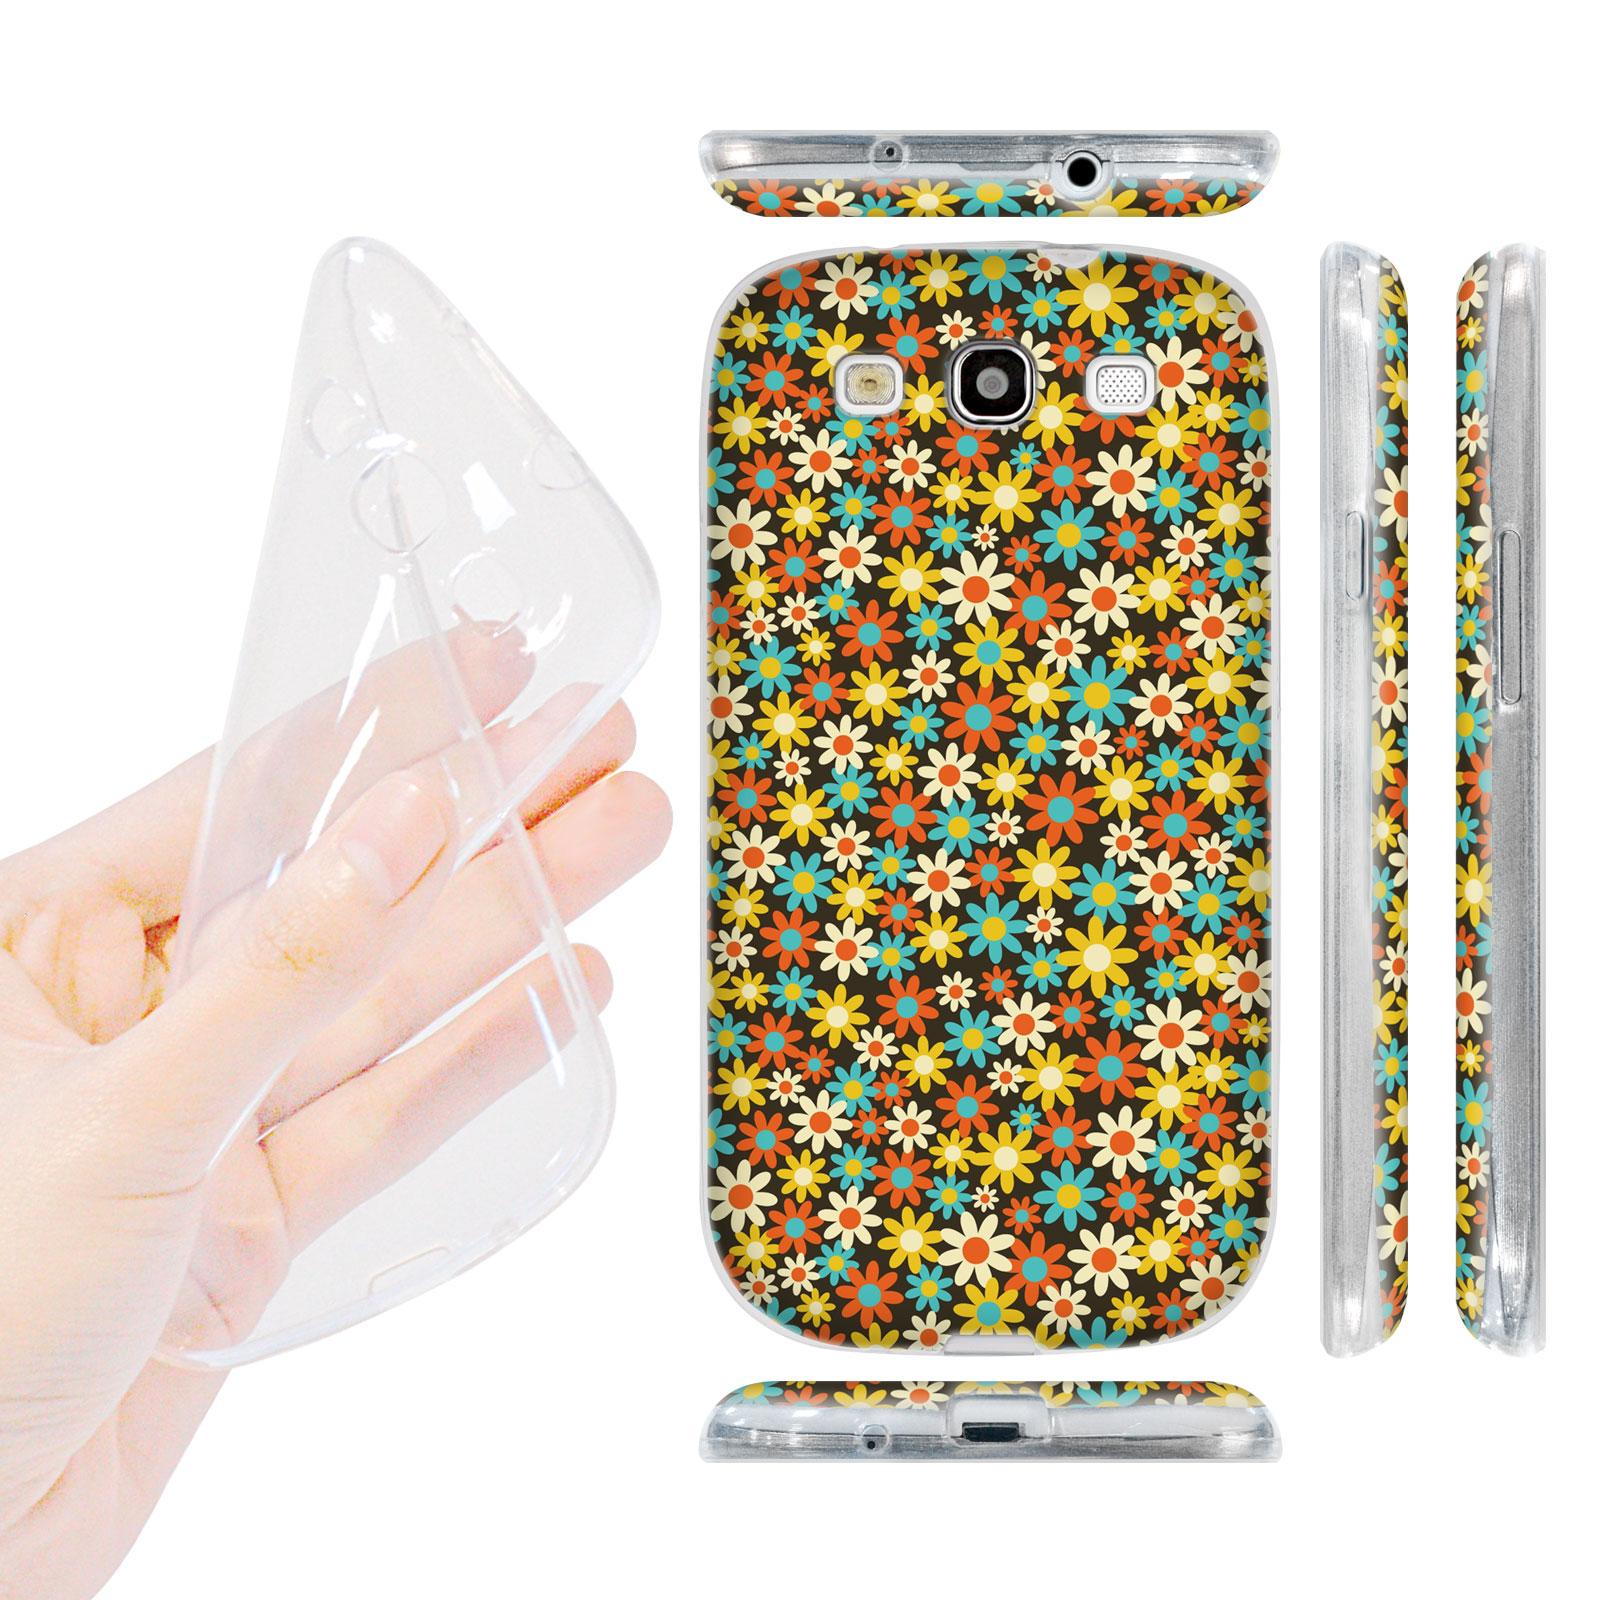 HEAD CASE silikonový obal na mobil Galaxy S3 i9300 malé květinky žlutá oranžová barva